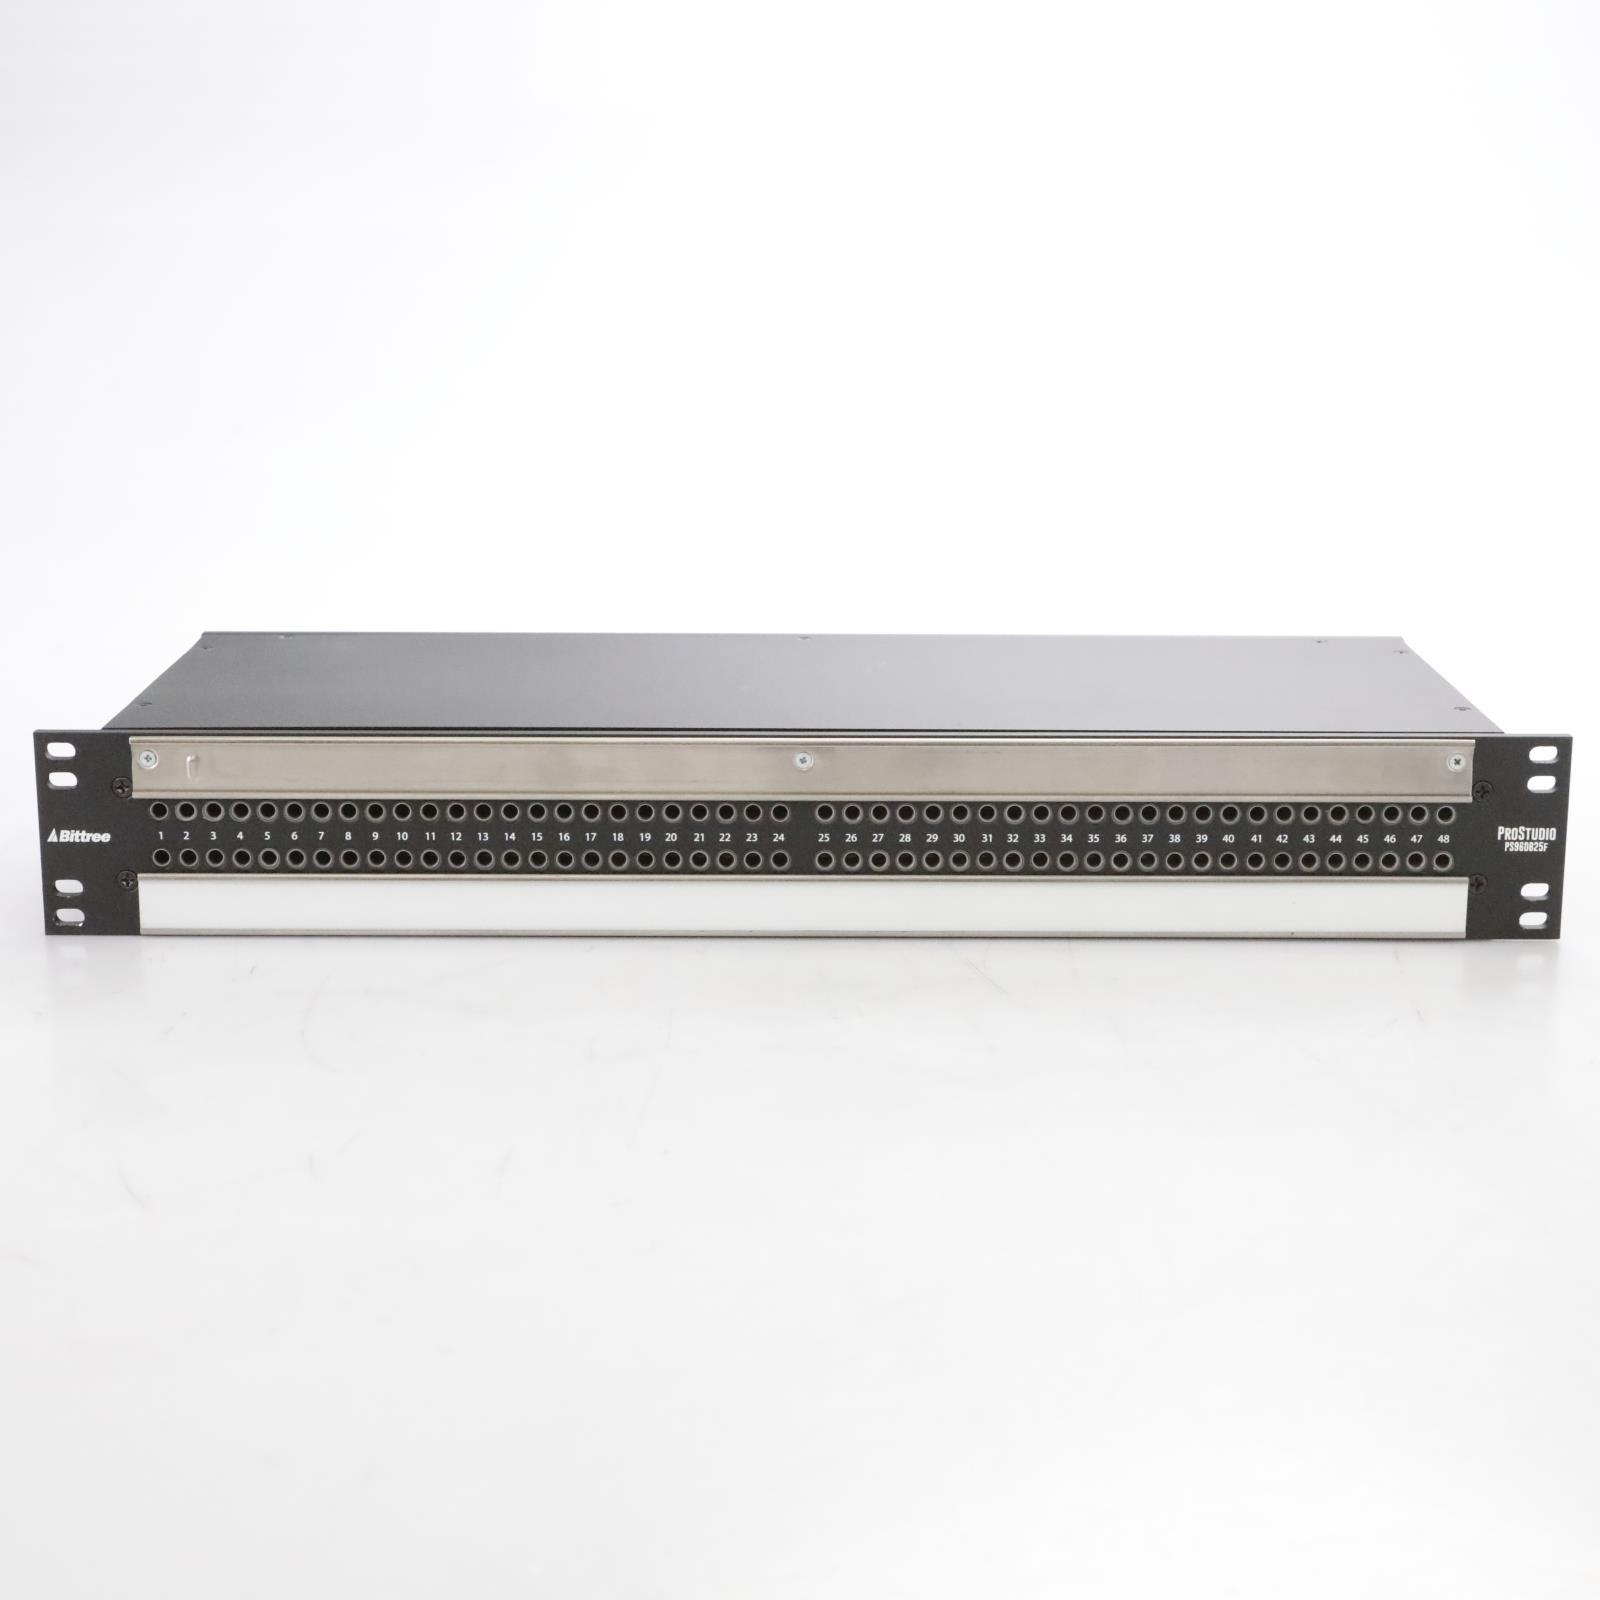 Bittree ProStudio PS96DB25F 96-Point Bantam TT DB25 Patchbay #44719